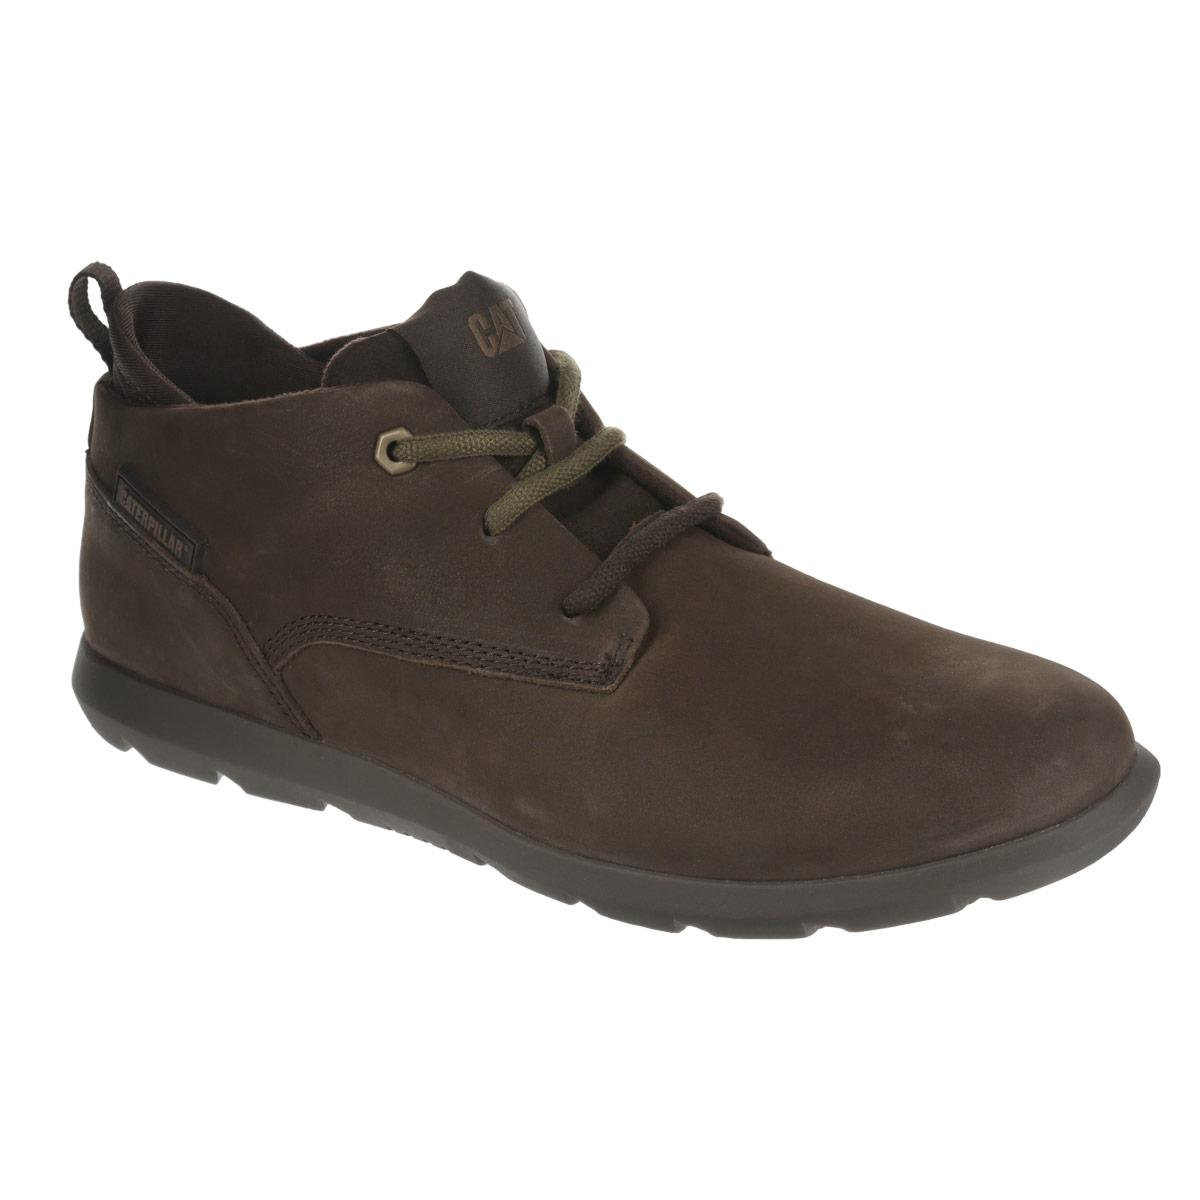 Ботинки мужcкие Caterpillar Roamer Mid Fleece, цвет: темно-коричневый. P719216. Размер 8 (41)P719216Стильные мужские ботинки Roamer Mid Fleece от Caterpillar отличный вариант на каждый день. Модель выполнена из натуральной кожи и оформлена декоративной прострочкой, сбоку - прорезиненной вставкой с названием бренда, на язычке - текстильной нашивкой с логотипом бренда. Шнуровка надежно фиксирует модель на ноге. Ярлычок на заднике облегчает надевание обуви на ногу. Подкладка изготовлена из мягкого материала, позволяющего сохранить ноги в тепле. Съемная стелька EVA с текстильной поверхностью обеспечивает комфорт и амортизацию. Резиновая подошва с протектором гарантирует отличное сцепление с поверхностью. В таких ботинках вашим ногам будет комфортно и уютно. Они подчеркнут ваш стиль и индивидуальность.